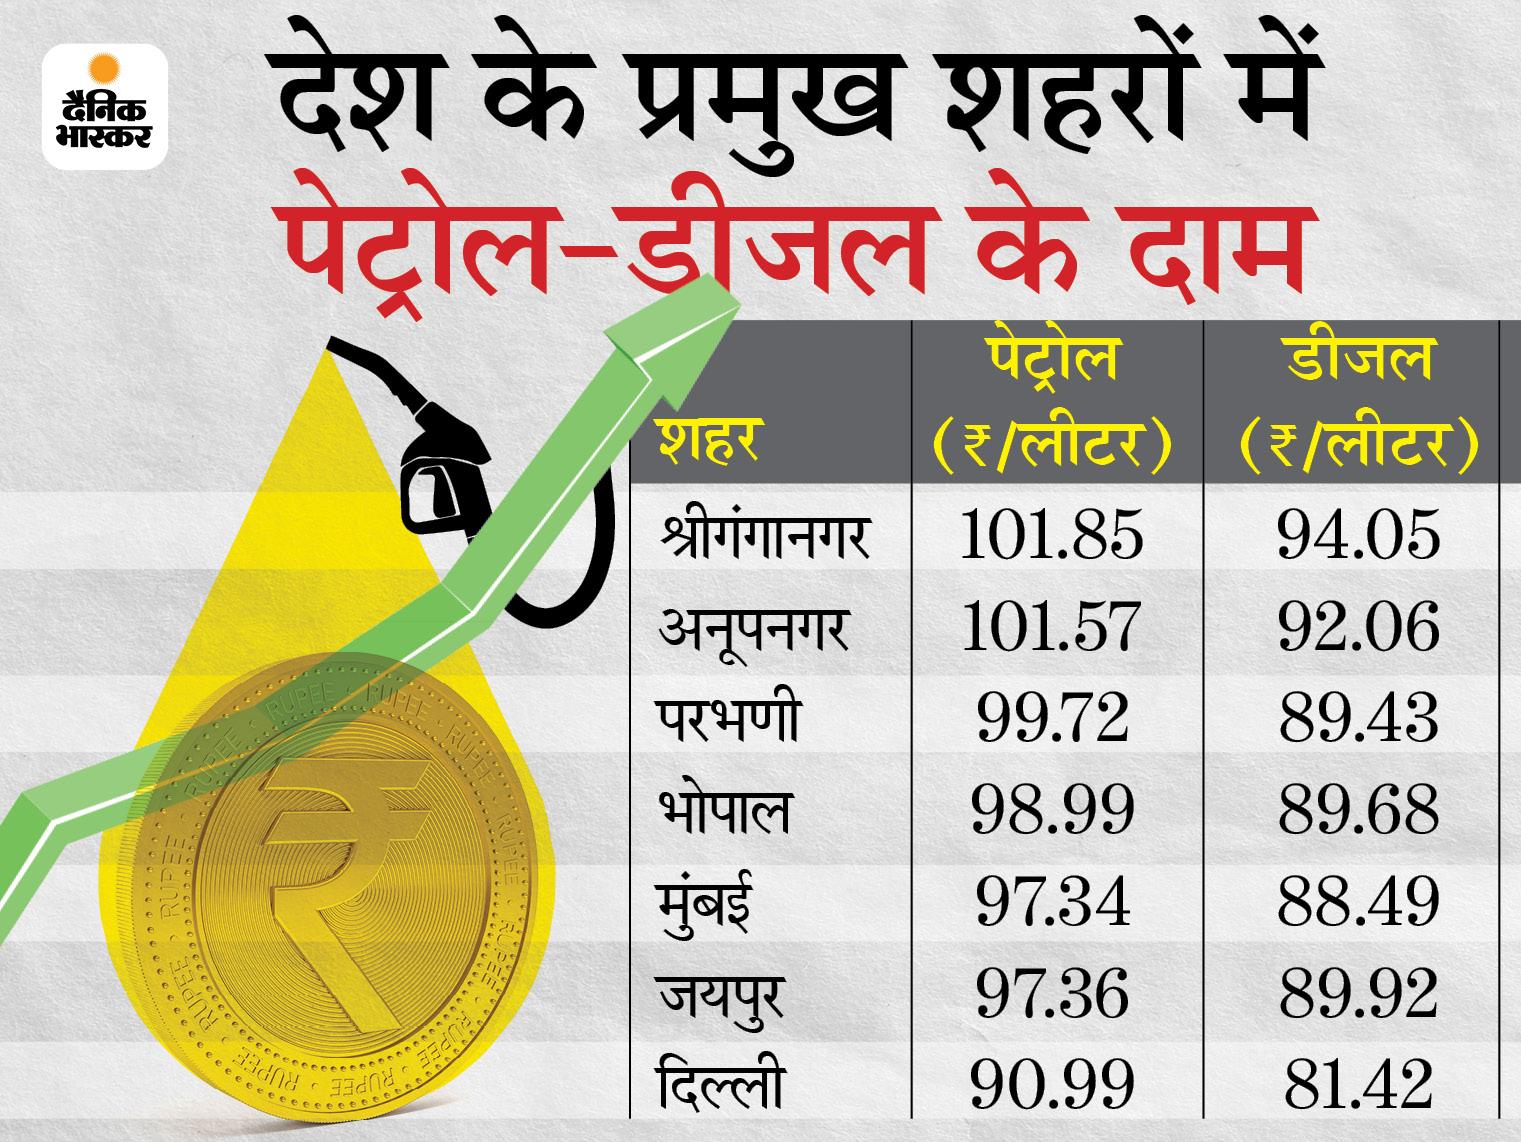 राजस्थान और मध्यप्रदेश में 102 रुपए पर पहुंचा पेट्रोल, महाराष्ट्र में भी 100 रुपए लीटर हुआ|बिजनेस,Business - Dainik Bhaskar